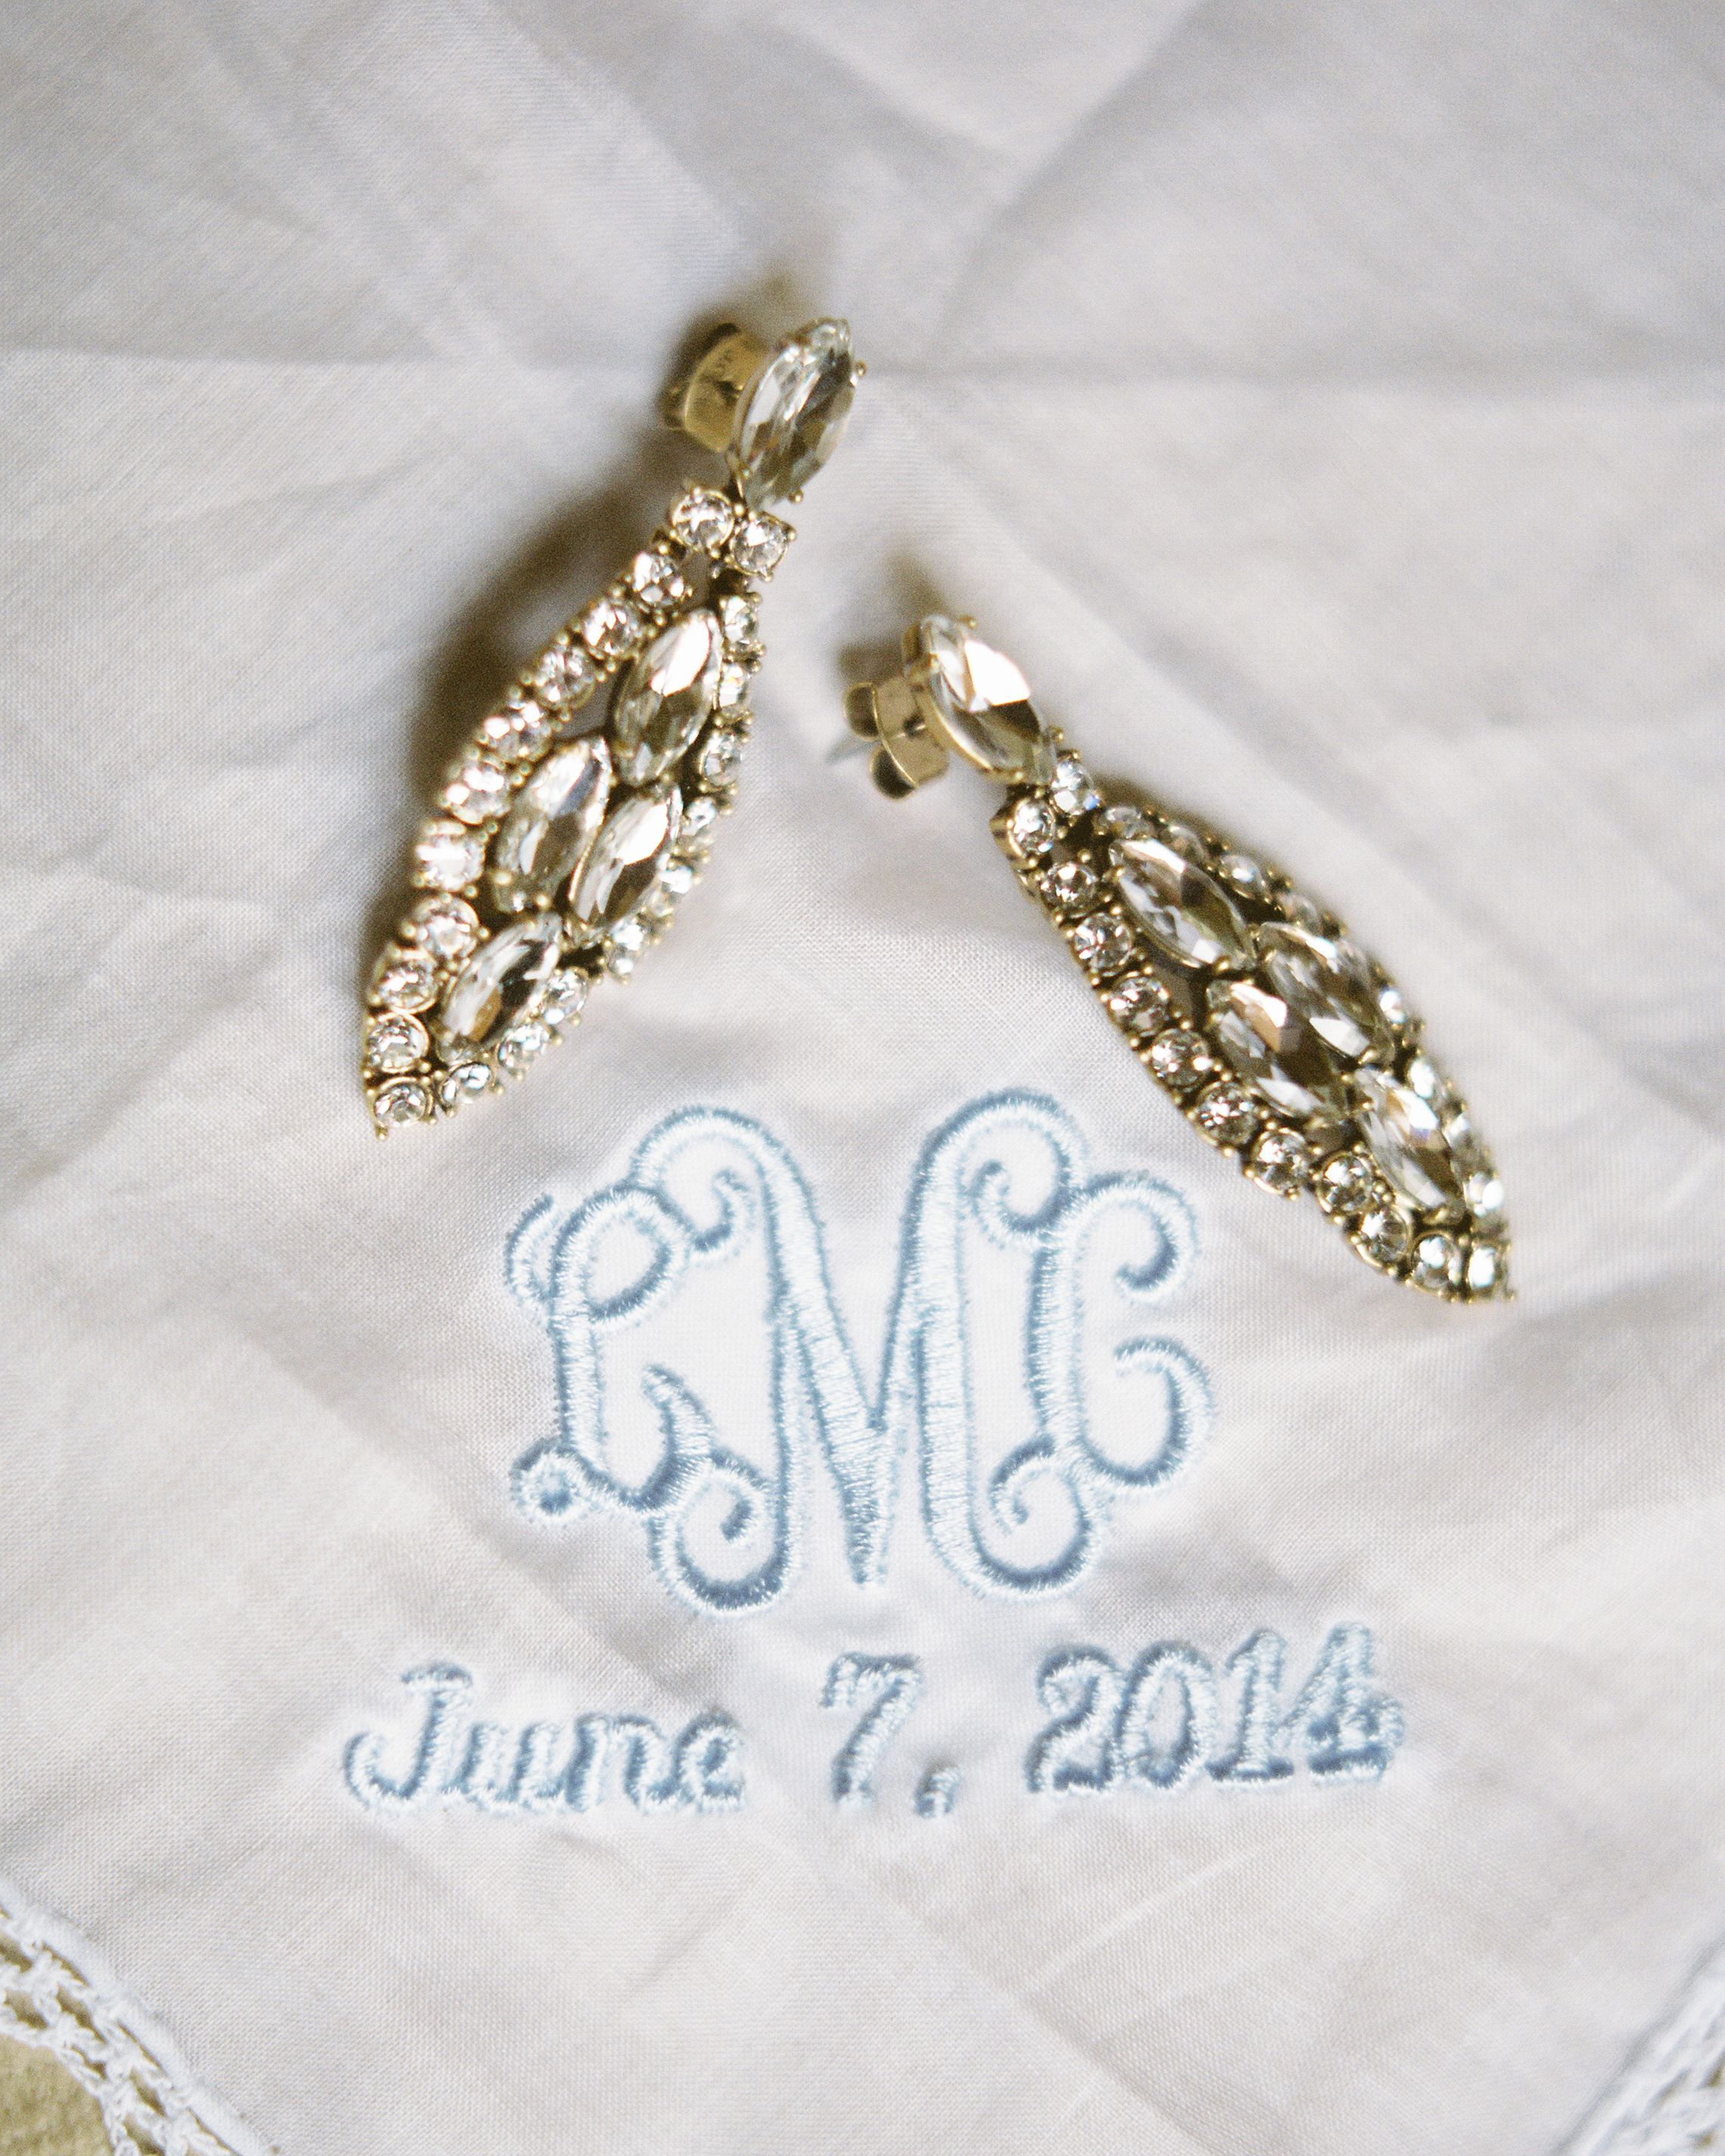 lauren-ollie-wedding-accessories-008-s111895-0515.jpg